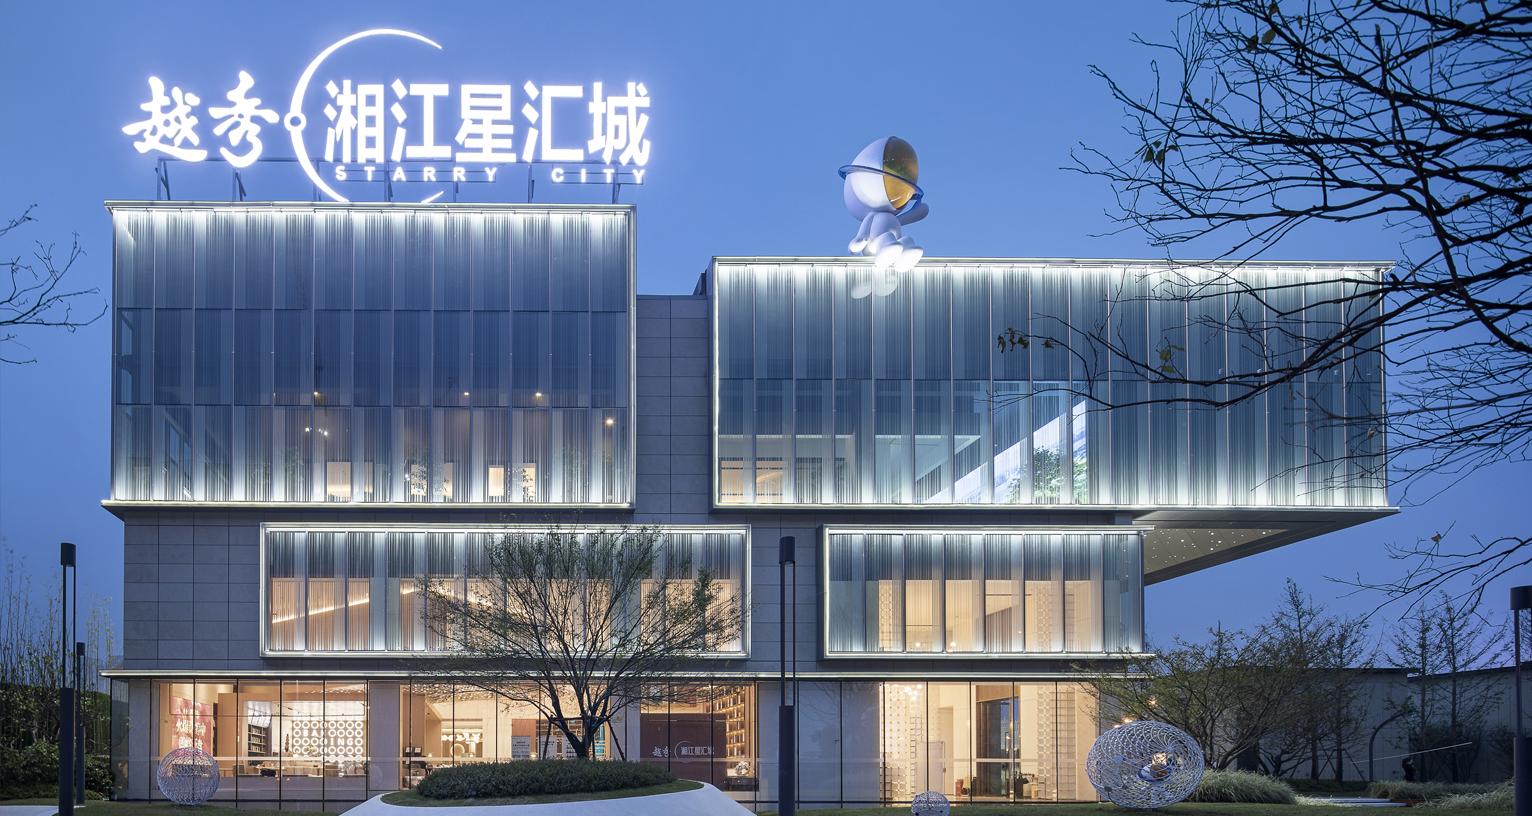 越秀·长沙湘江星汇城营销中心